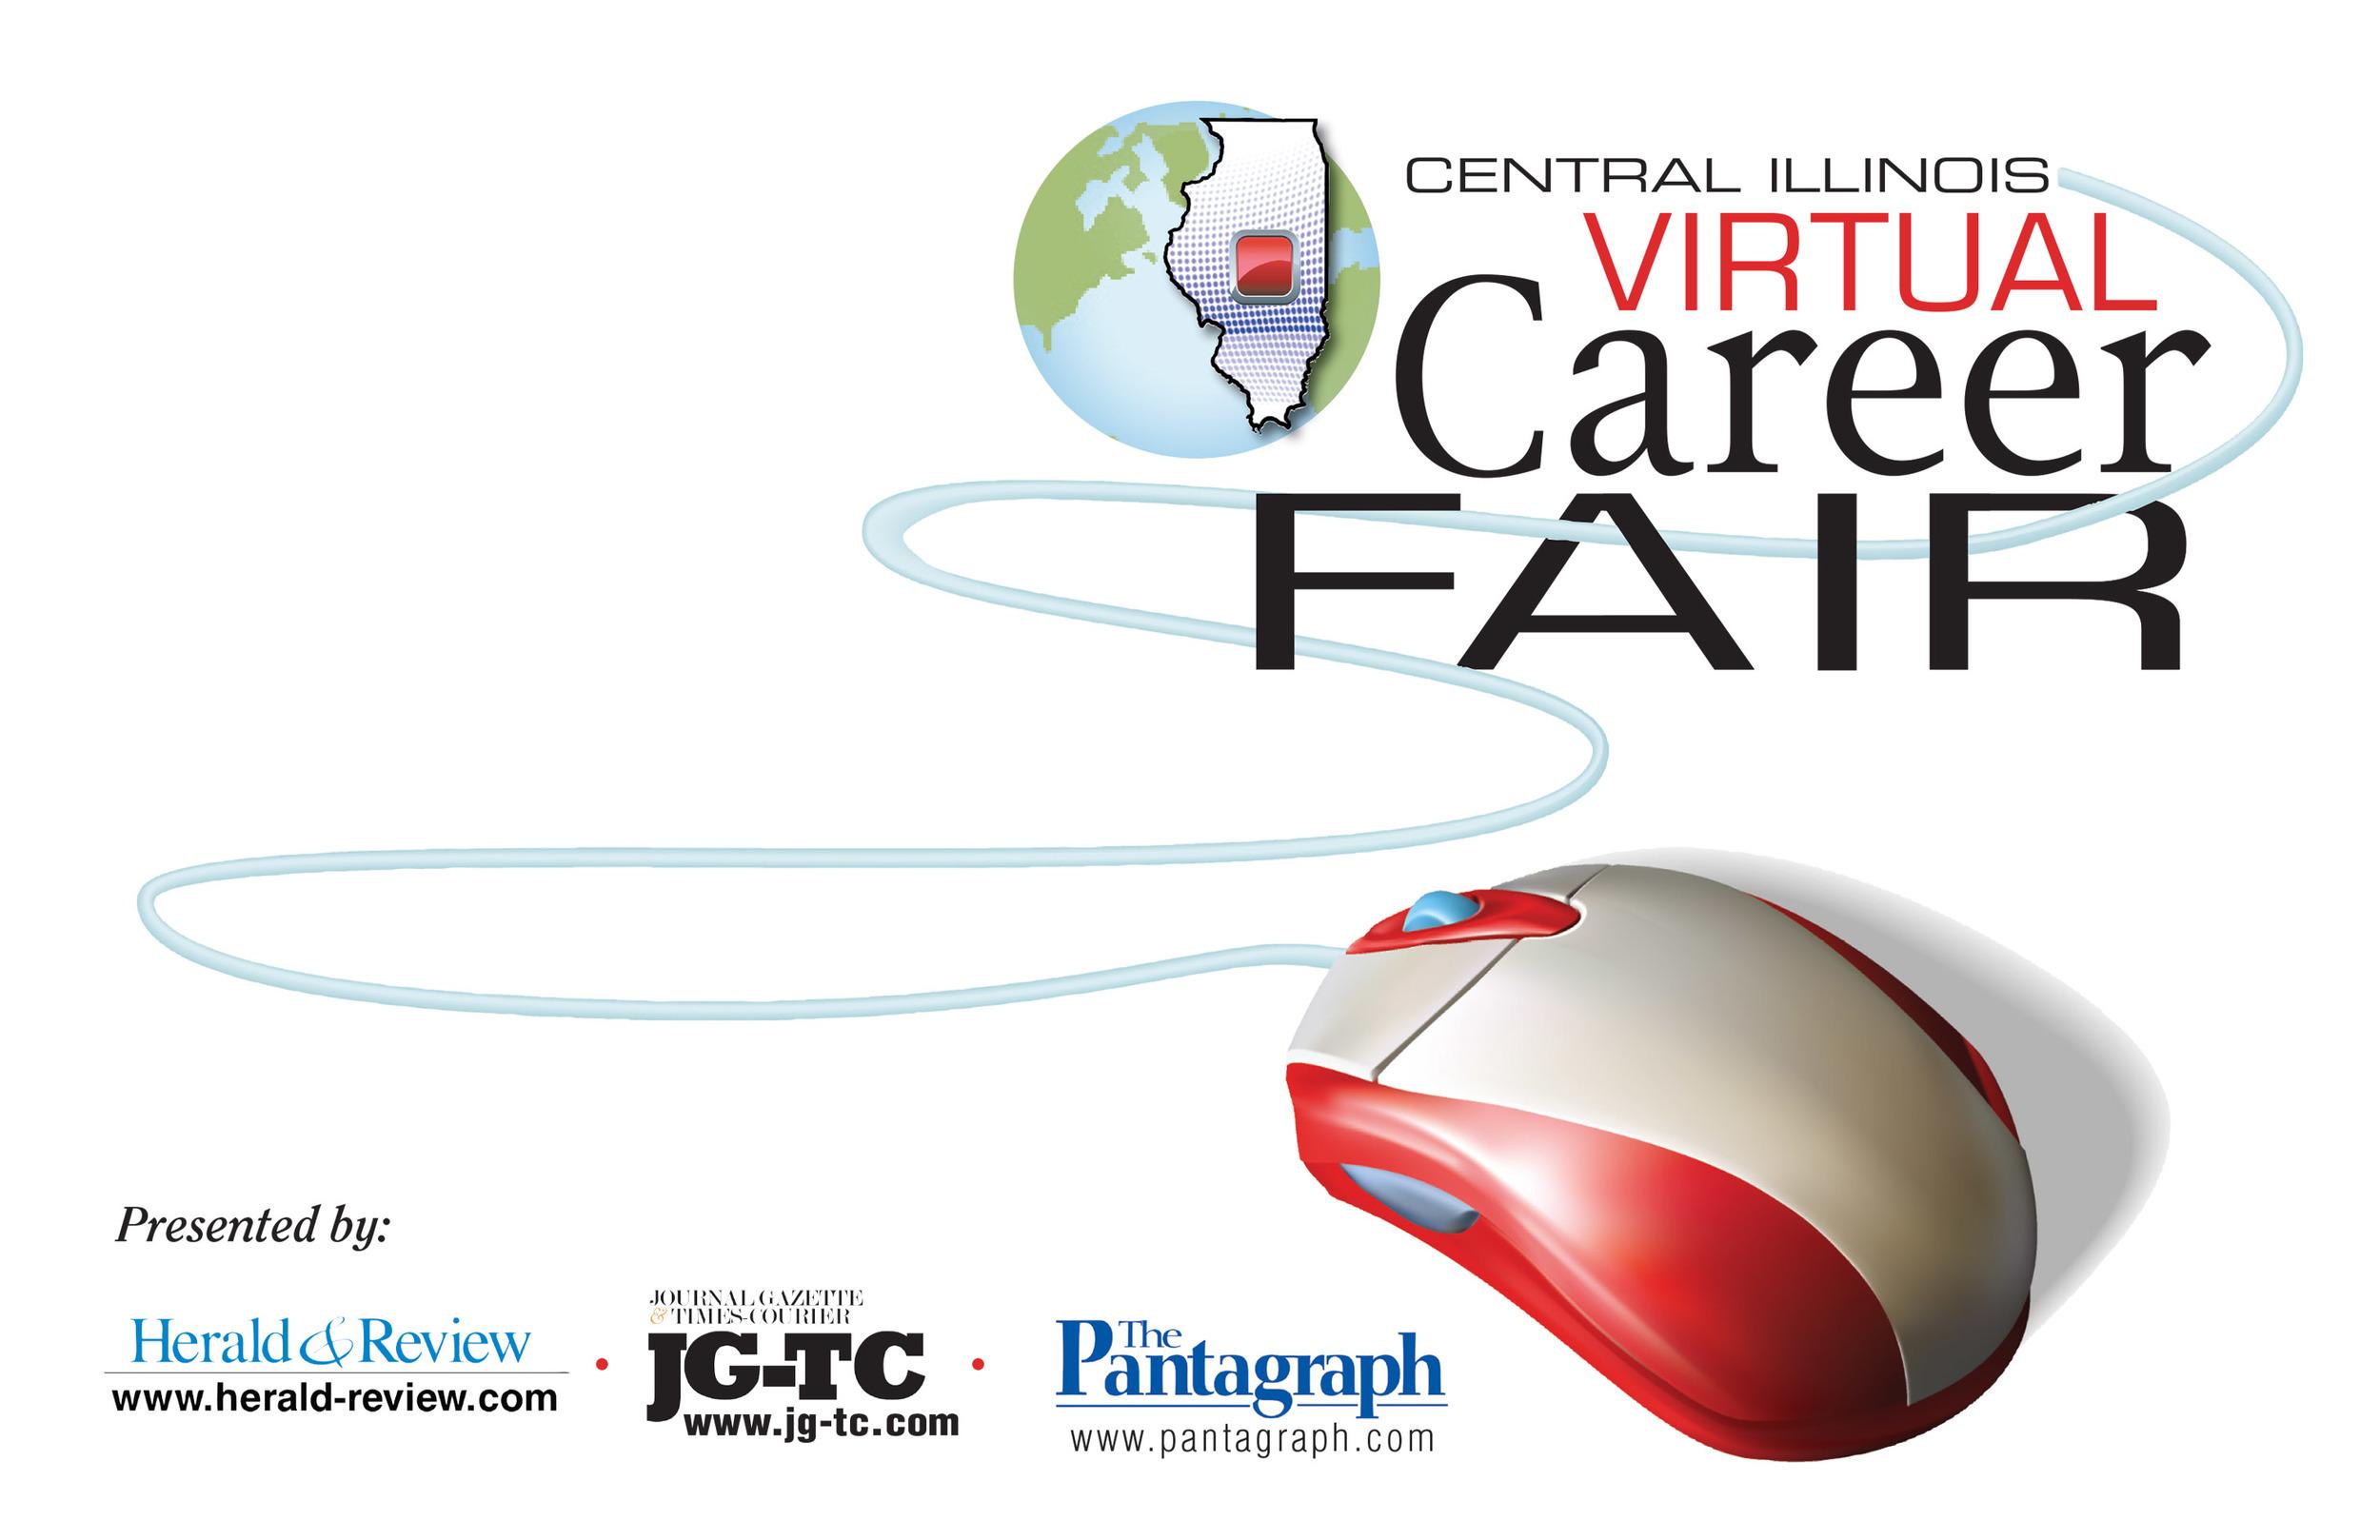 Central Illinois Virtual Career Fair